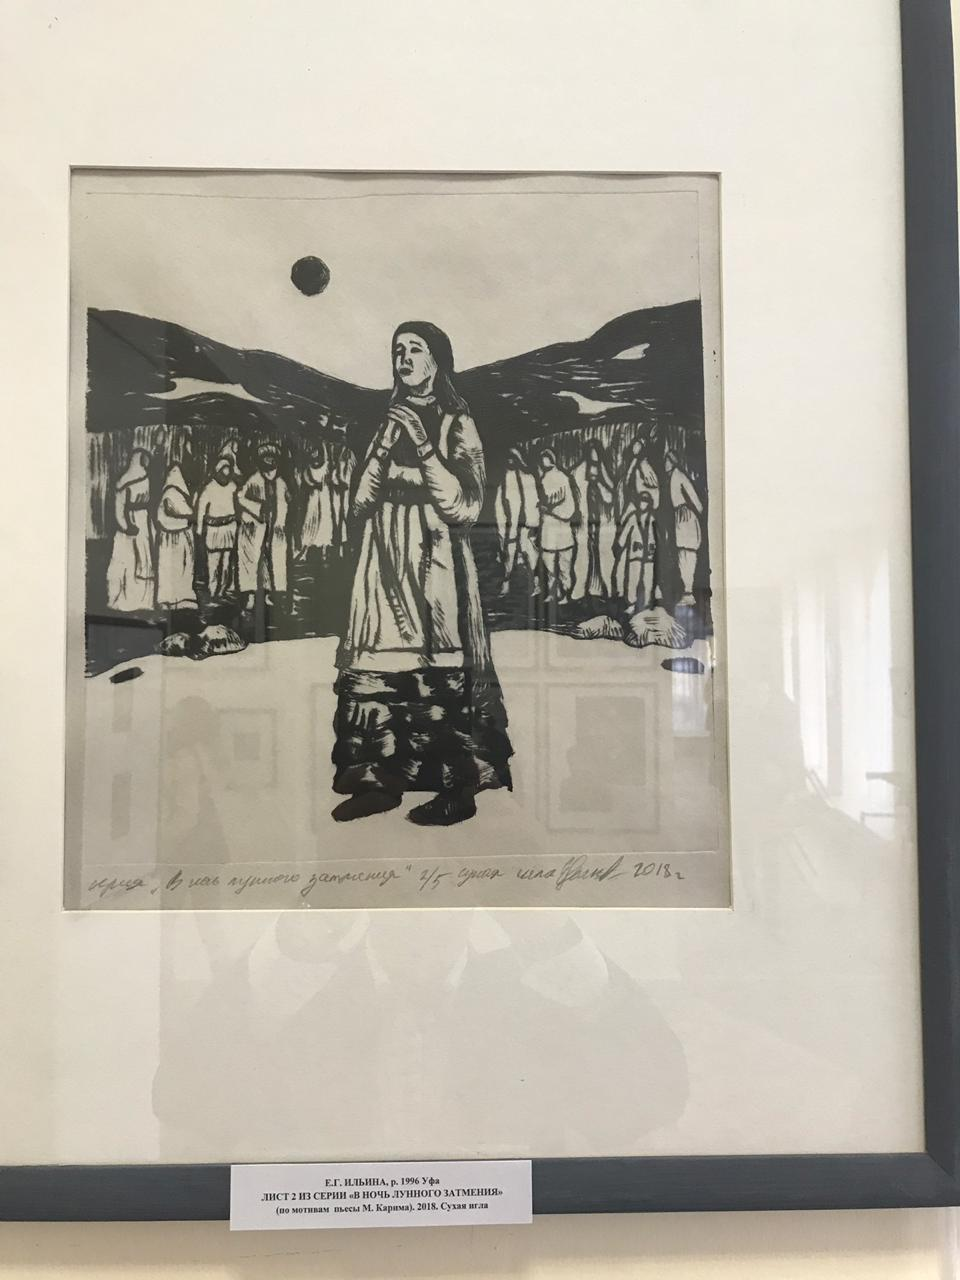 Лист 2 из серии «В ночь лунного затмения» (по мотивам пьесы М. Карима), Е.Г. Ильина, 2018, сухая игла